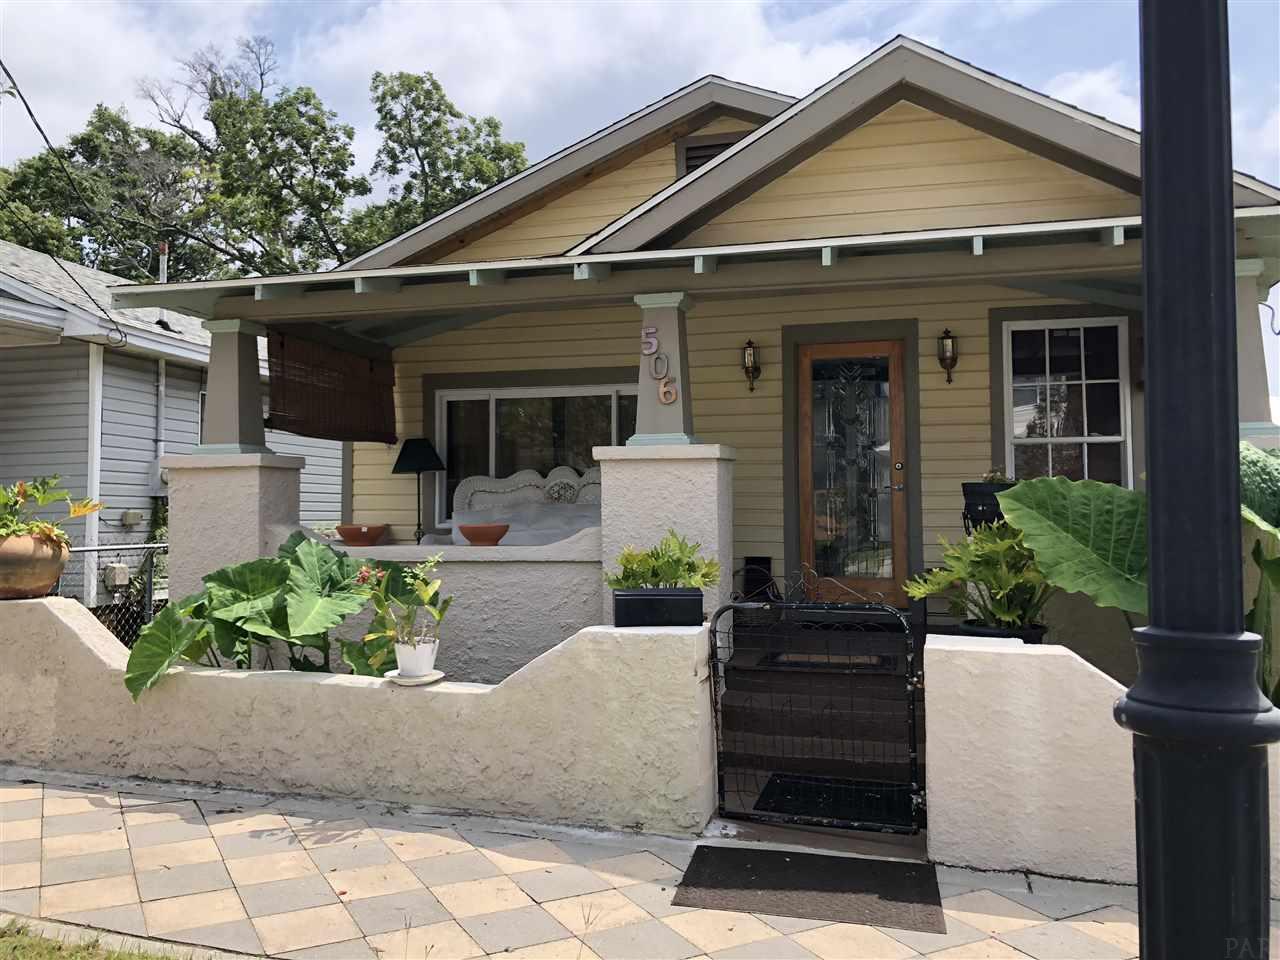 506 N Alcaniz St, Pensacola, FL 32501